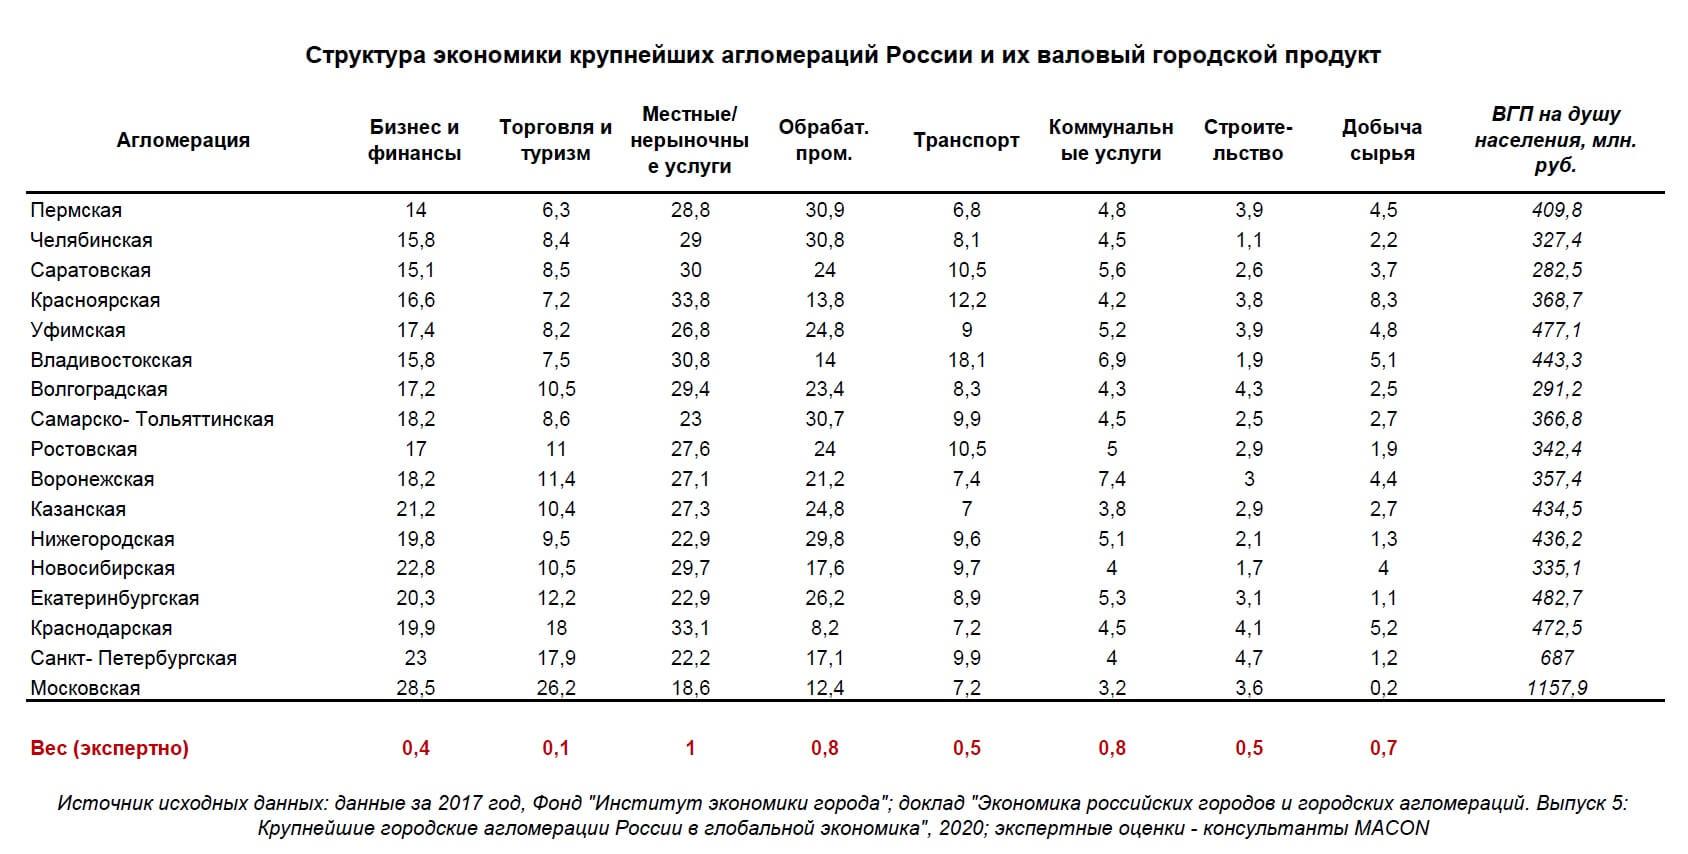 Структура экономики и ВГП российских агломераций